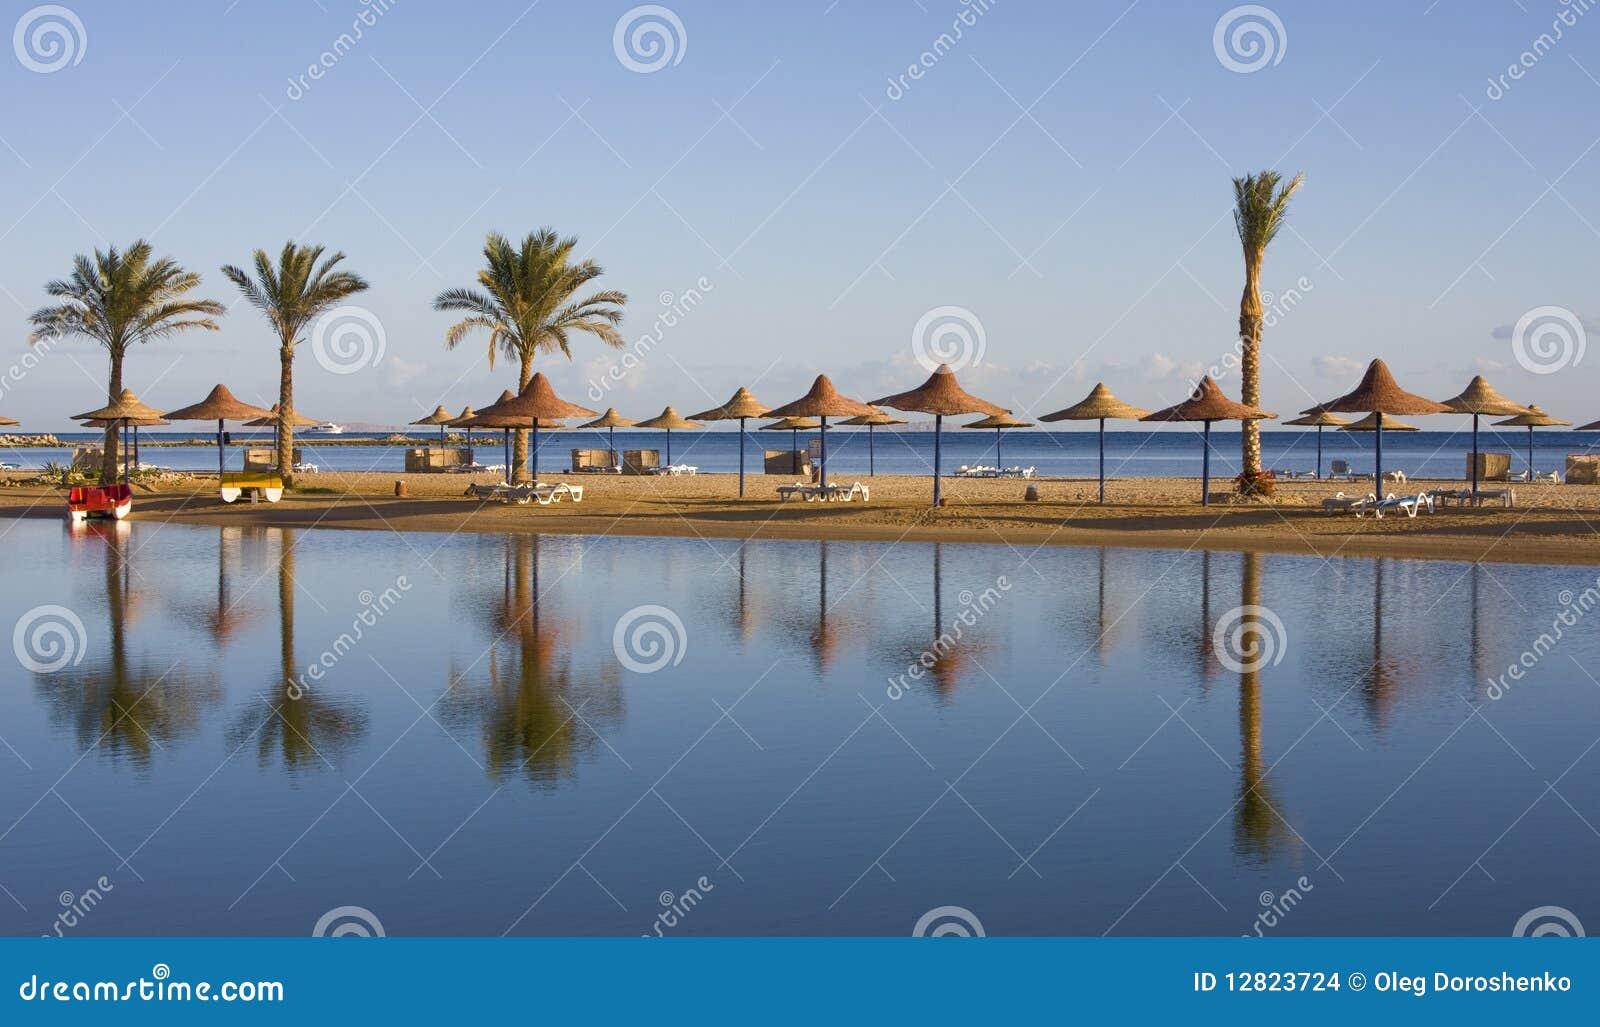 Plażowego Egypt hurghada czerwony morze